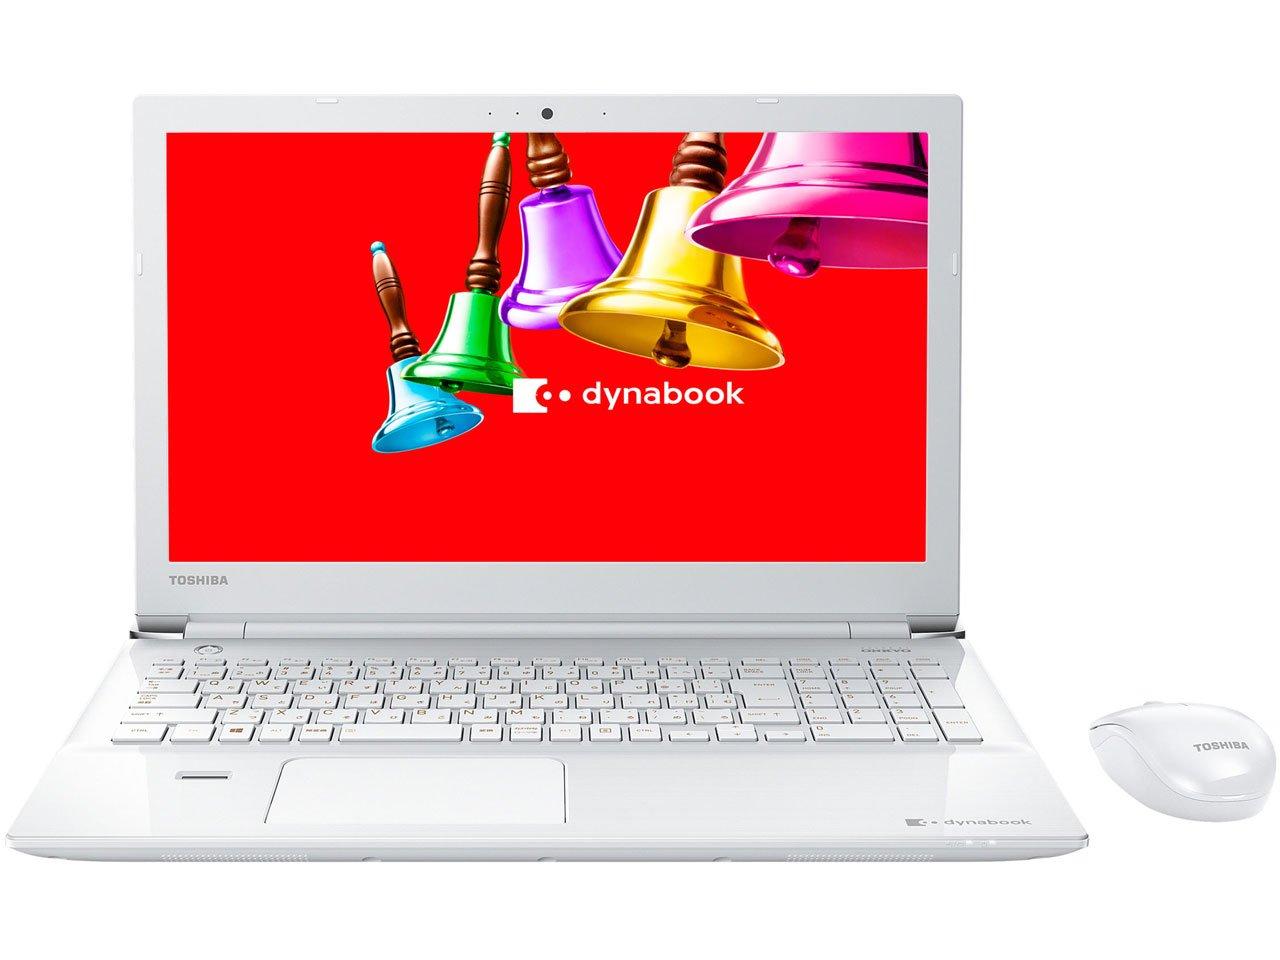 数量限定セール  東芝 15.6型ノートパソコン 東芝 dynabook プラス T75 リュクスホワイト(Office Home B01M6X5KOW&Business Premium プラス Office 365 サービス) PT75BWP-BJA2 B01M6X5KOW, KURANBON:0d4a01ad --- ballyshannonshow.com